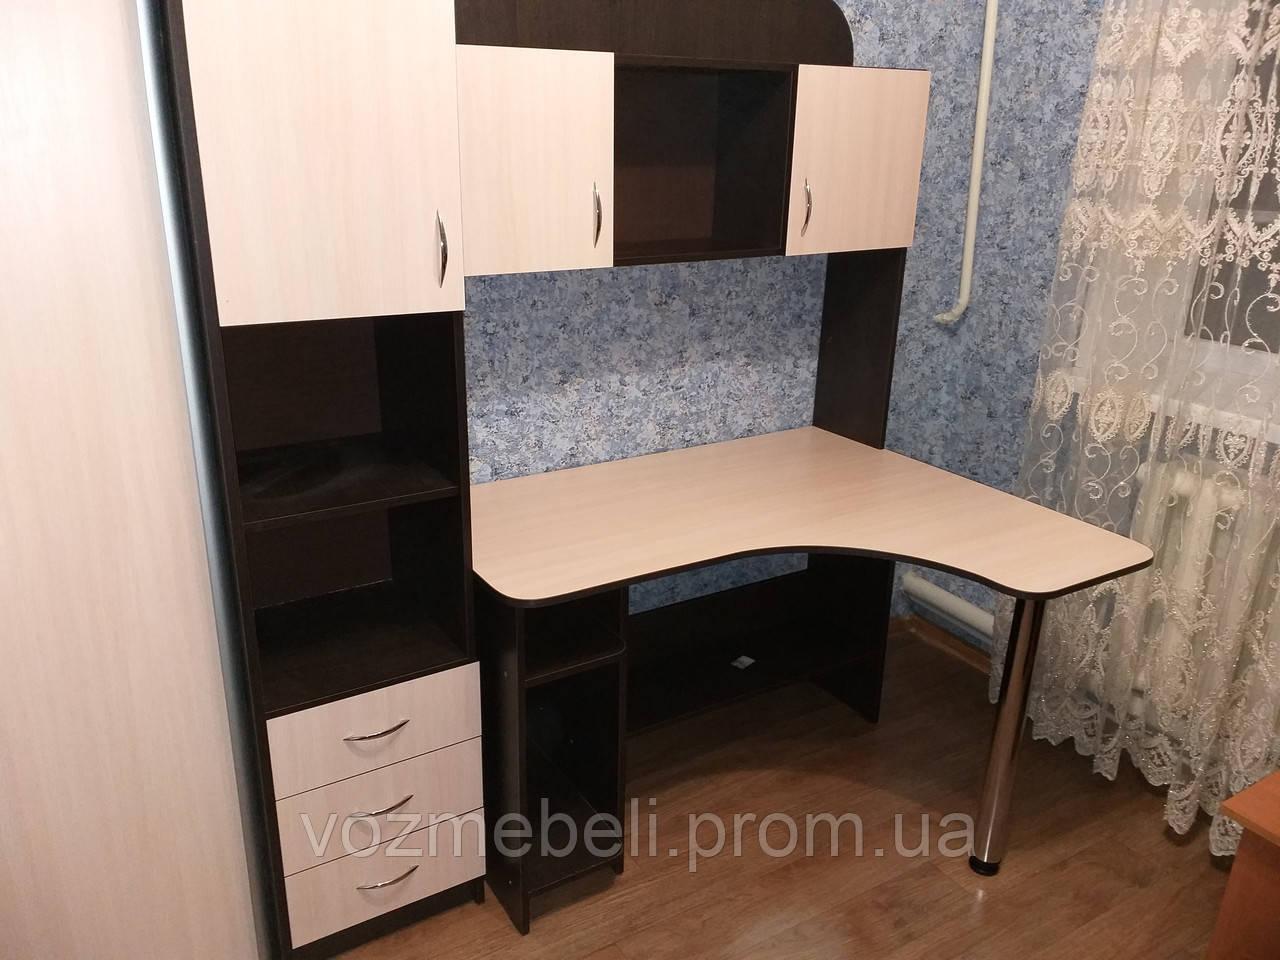 Арт стол СШ-5 + пенал СШ5